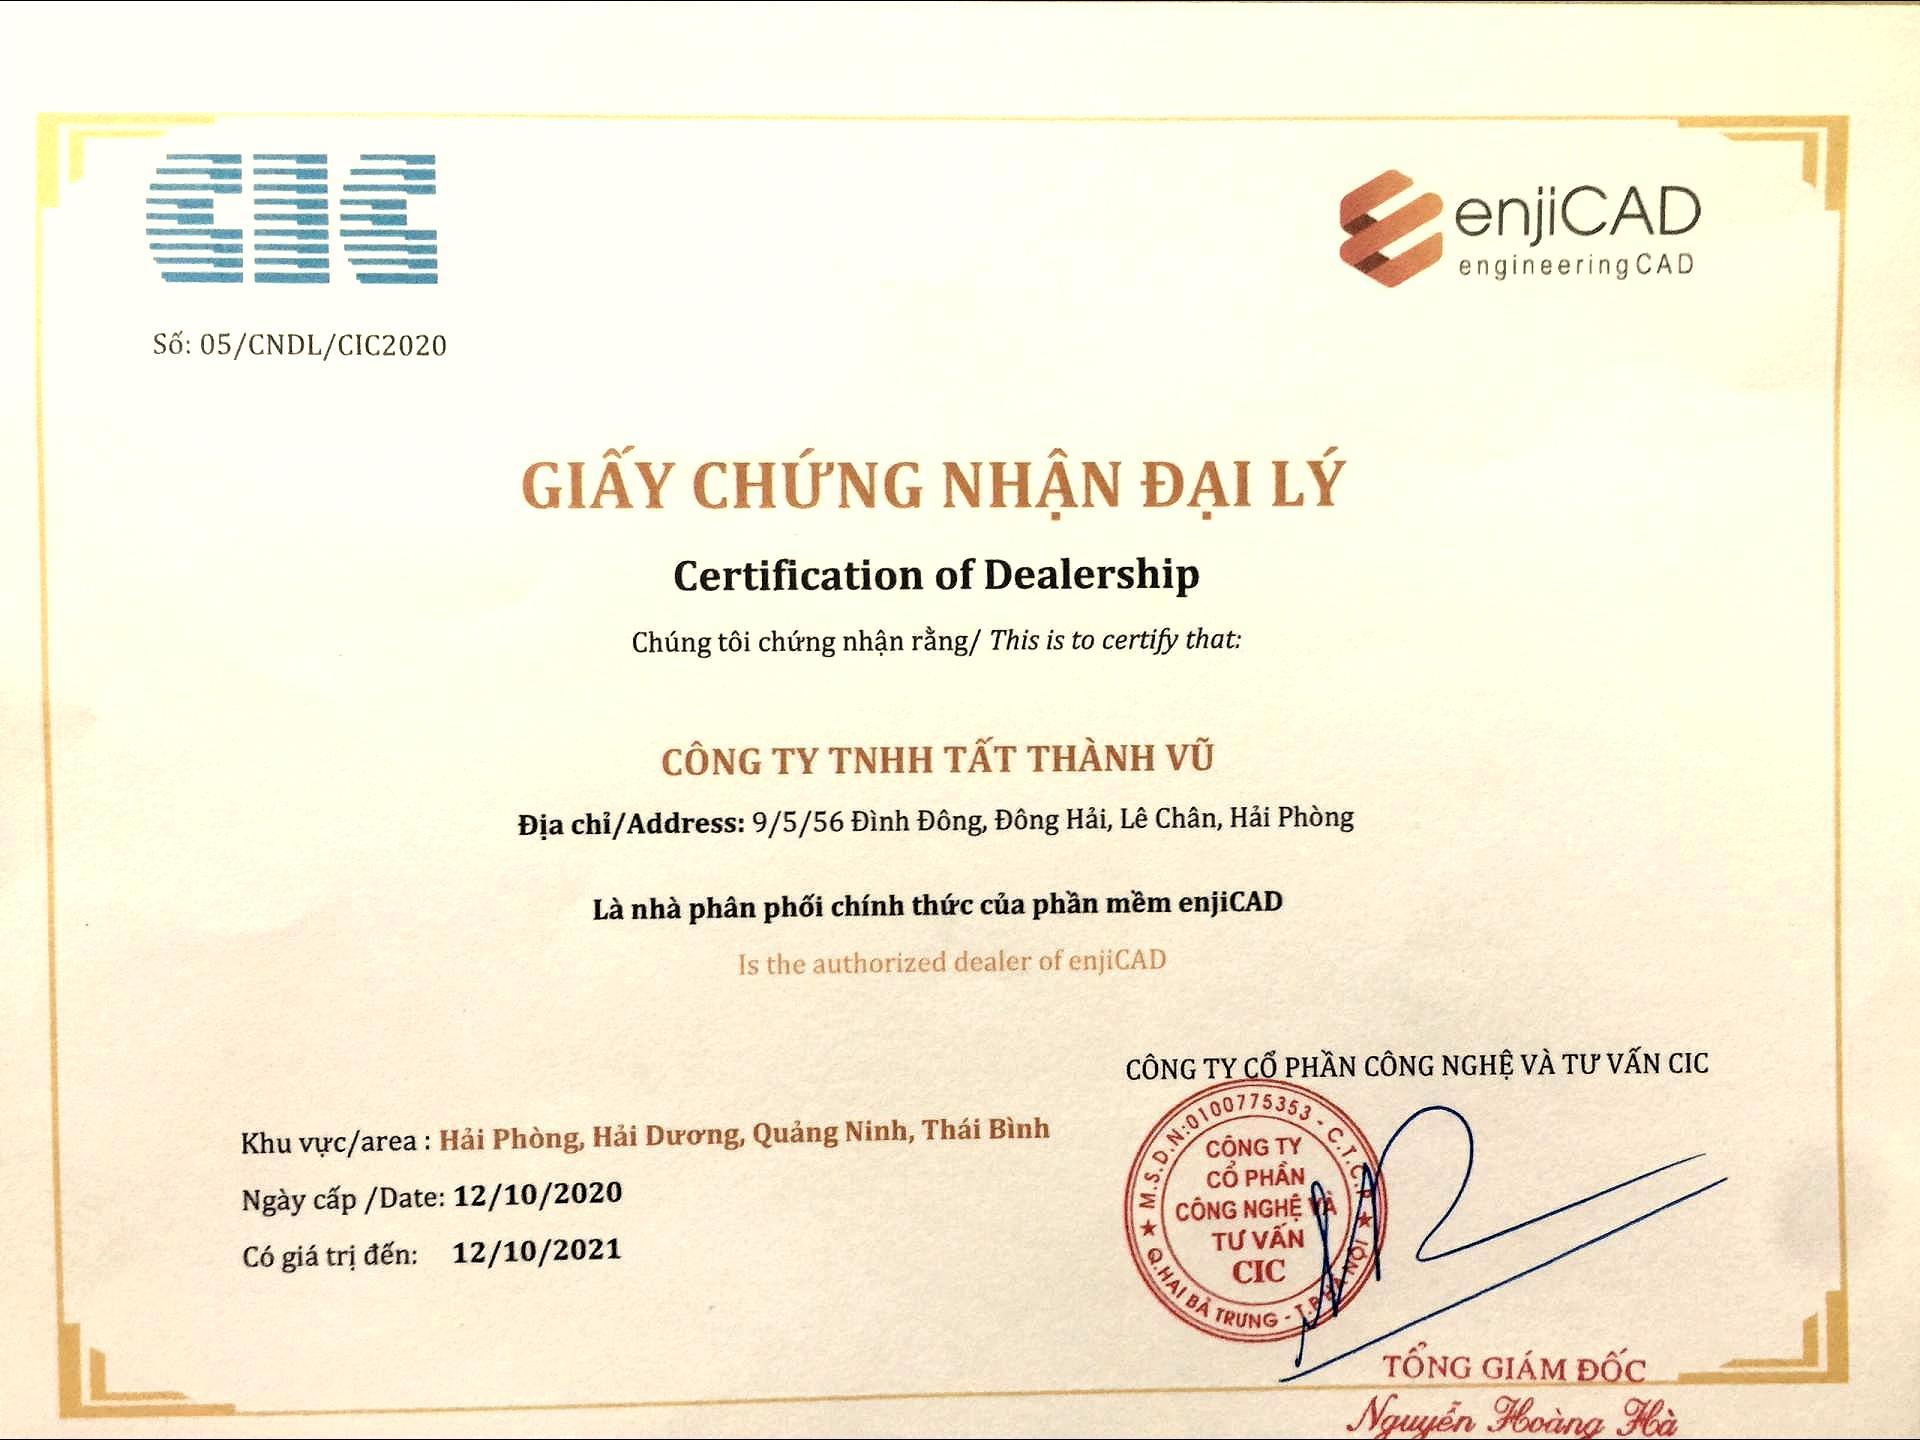 Chung nhan dai ly CIC